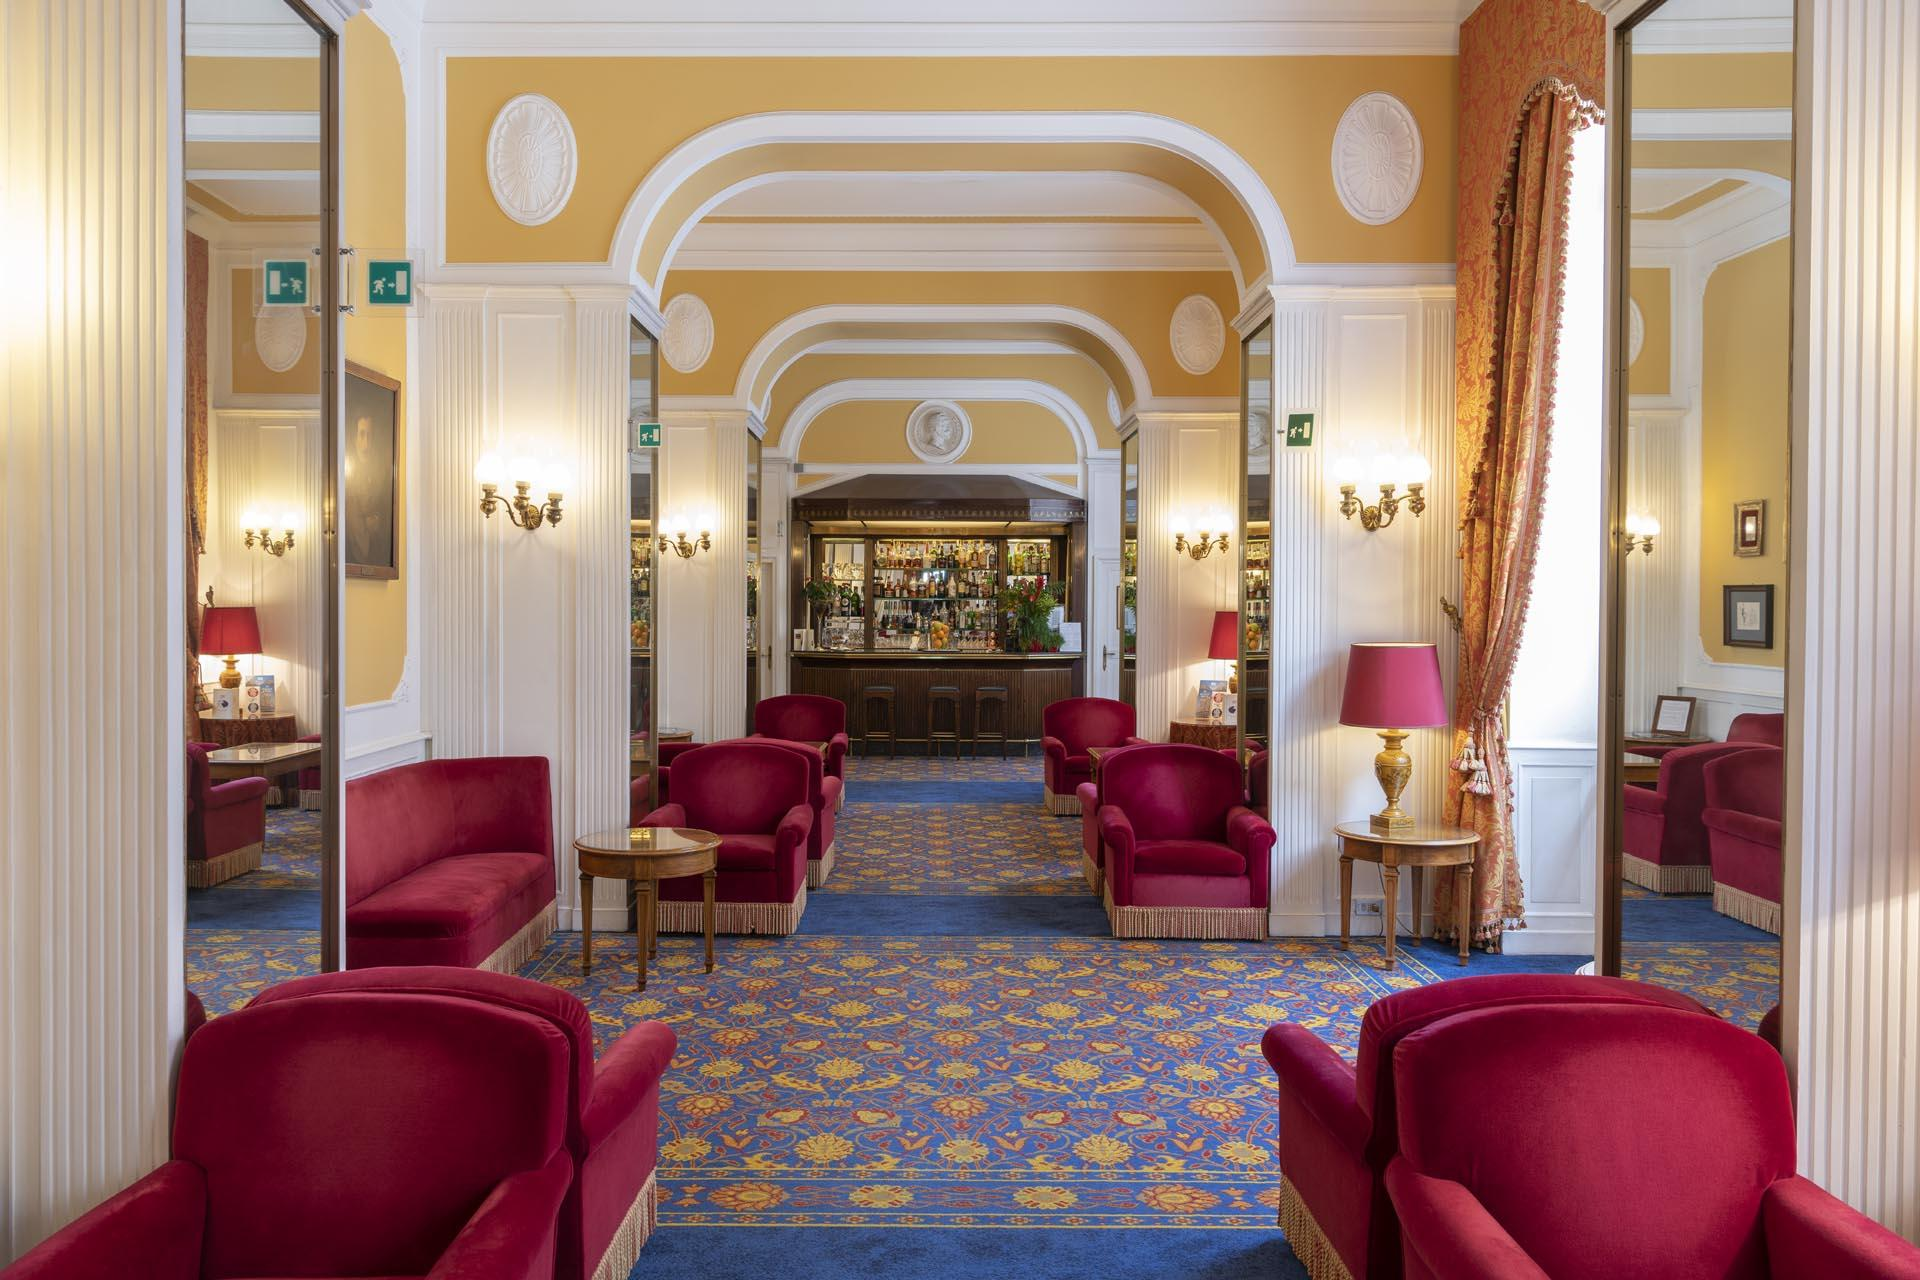 Bettoja Hotels Roma Centro | Migliori Hotel Roma